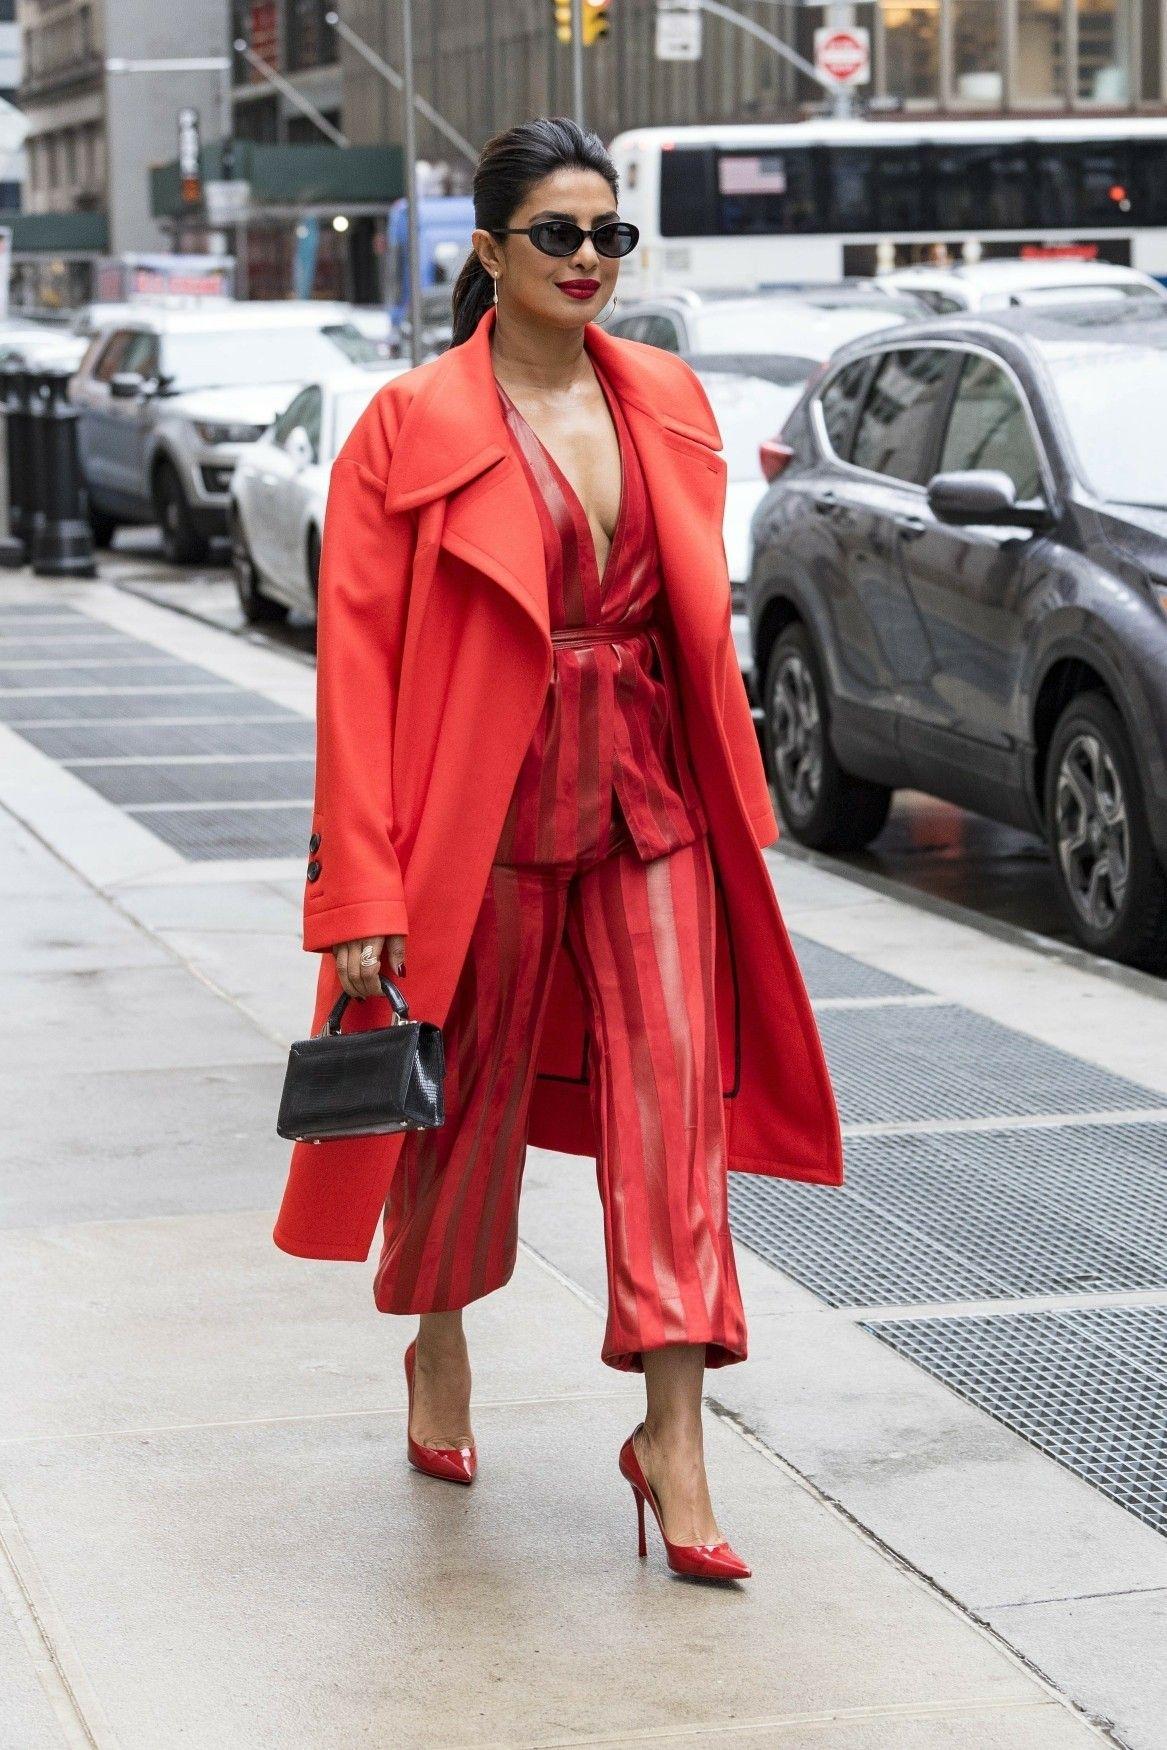 اطلالة باللون الأحمر مع معطف طويل نسقتها بريانكا شوبرا